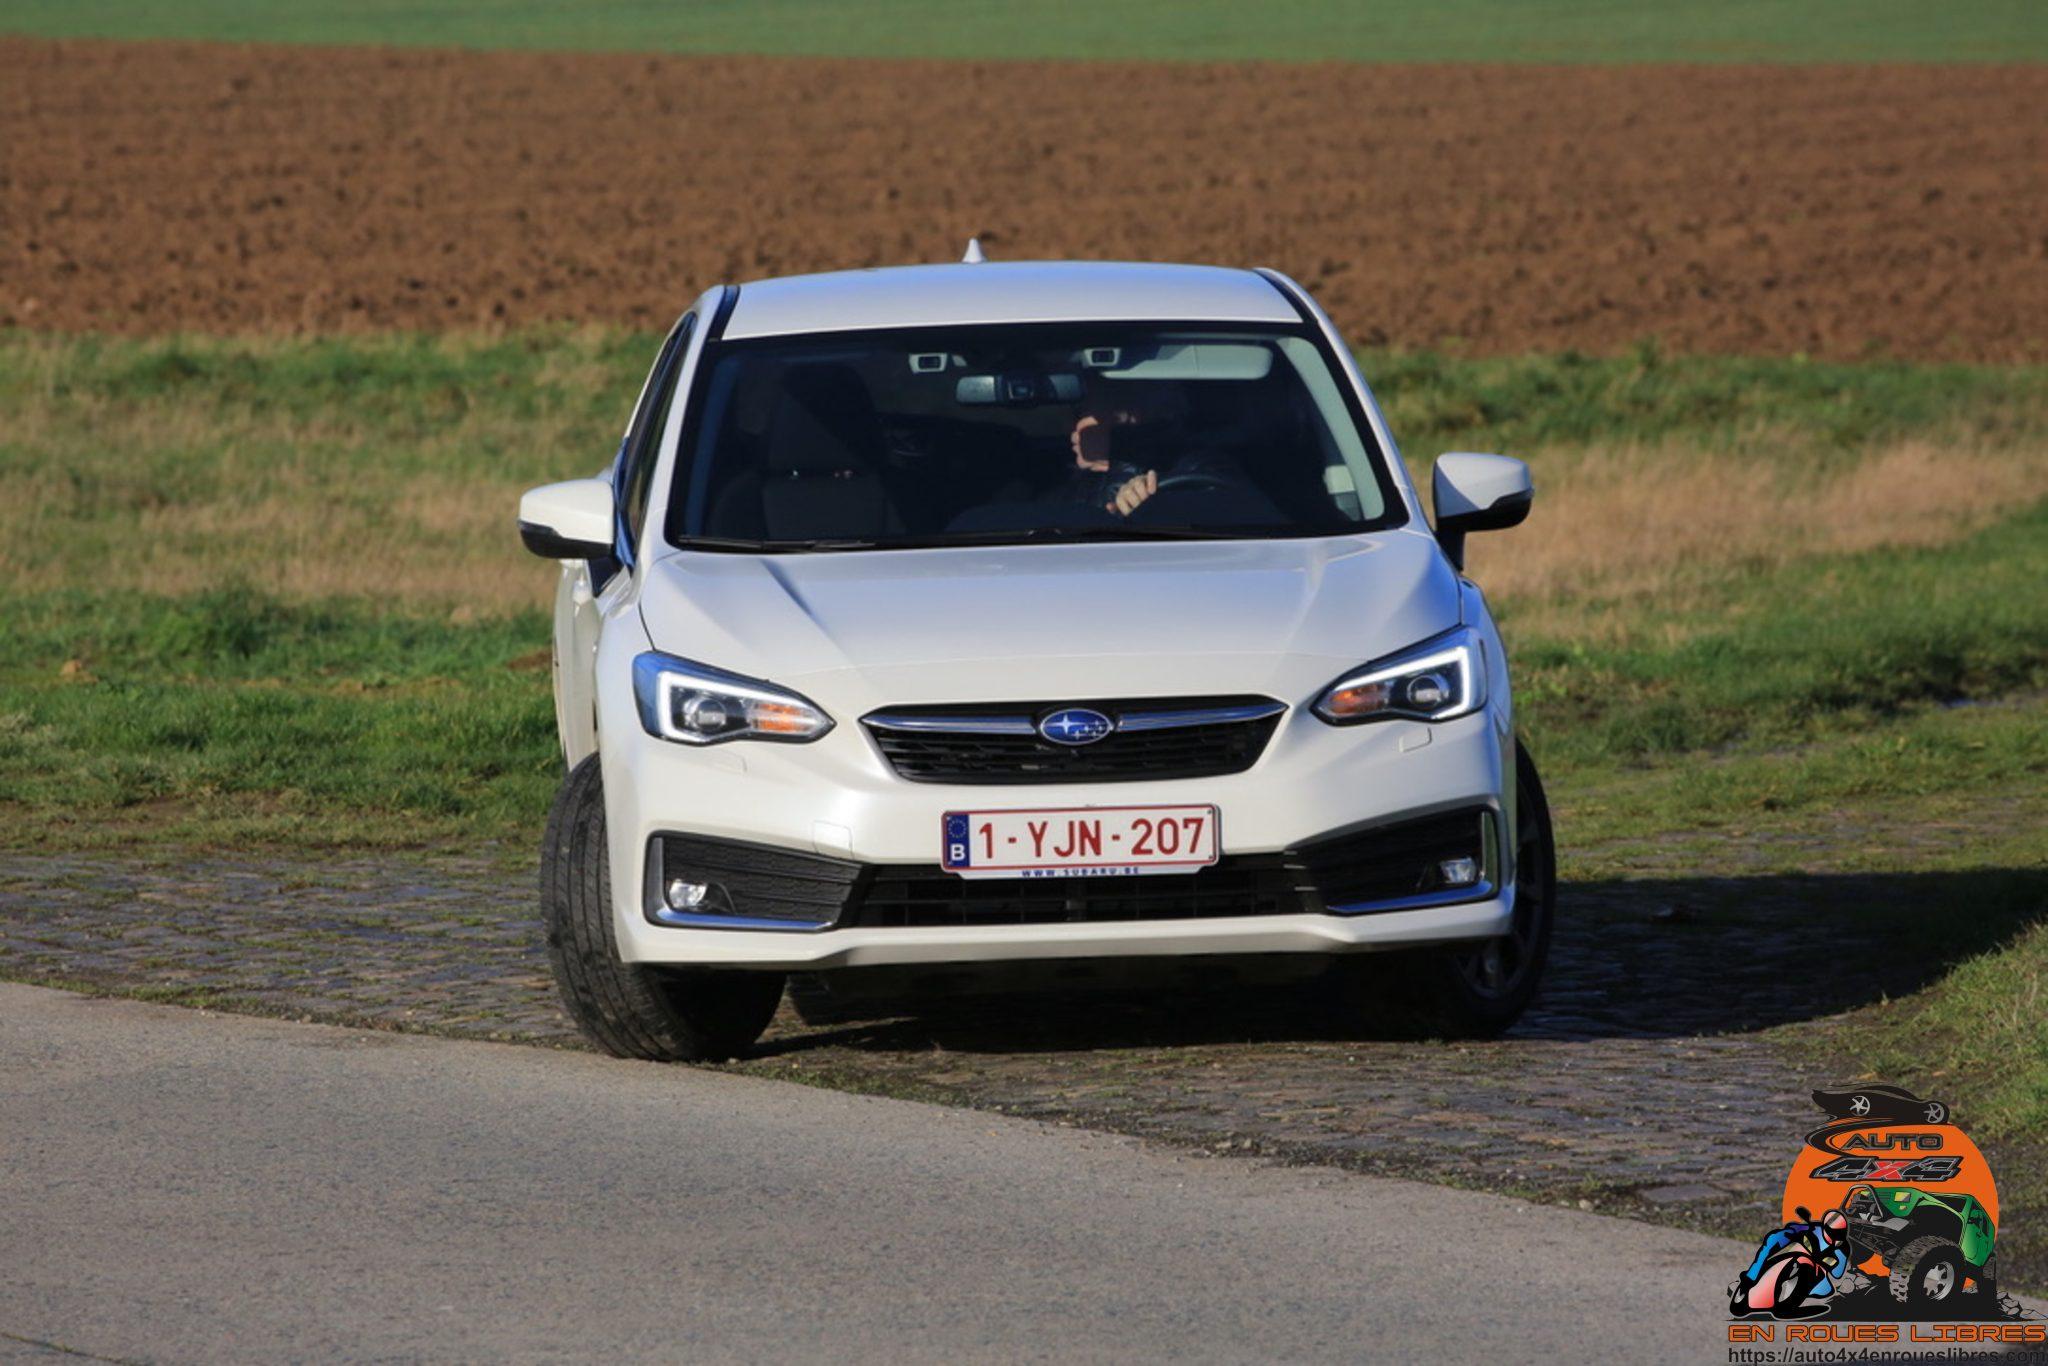 La célèbre championne de WRC au banc d'essai : la Subaru Impreza e-boxer